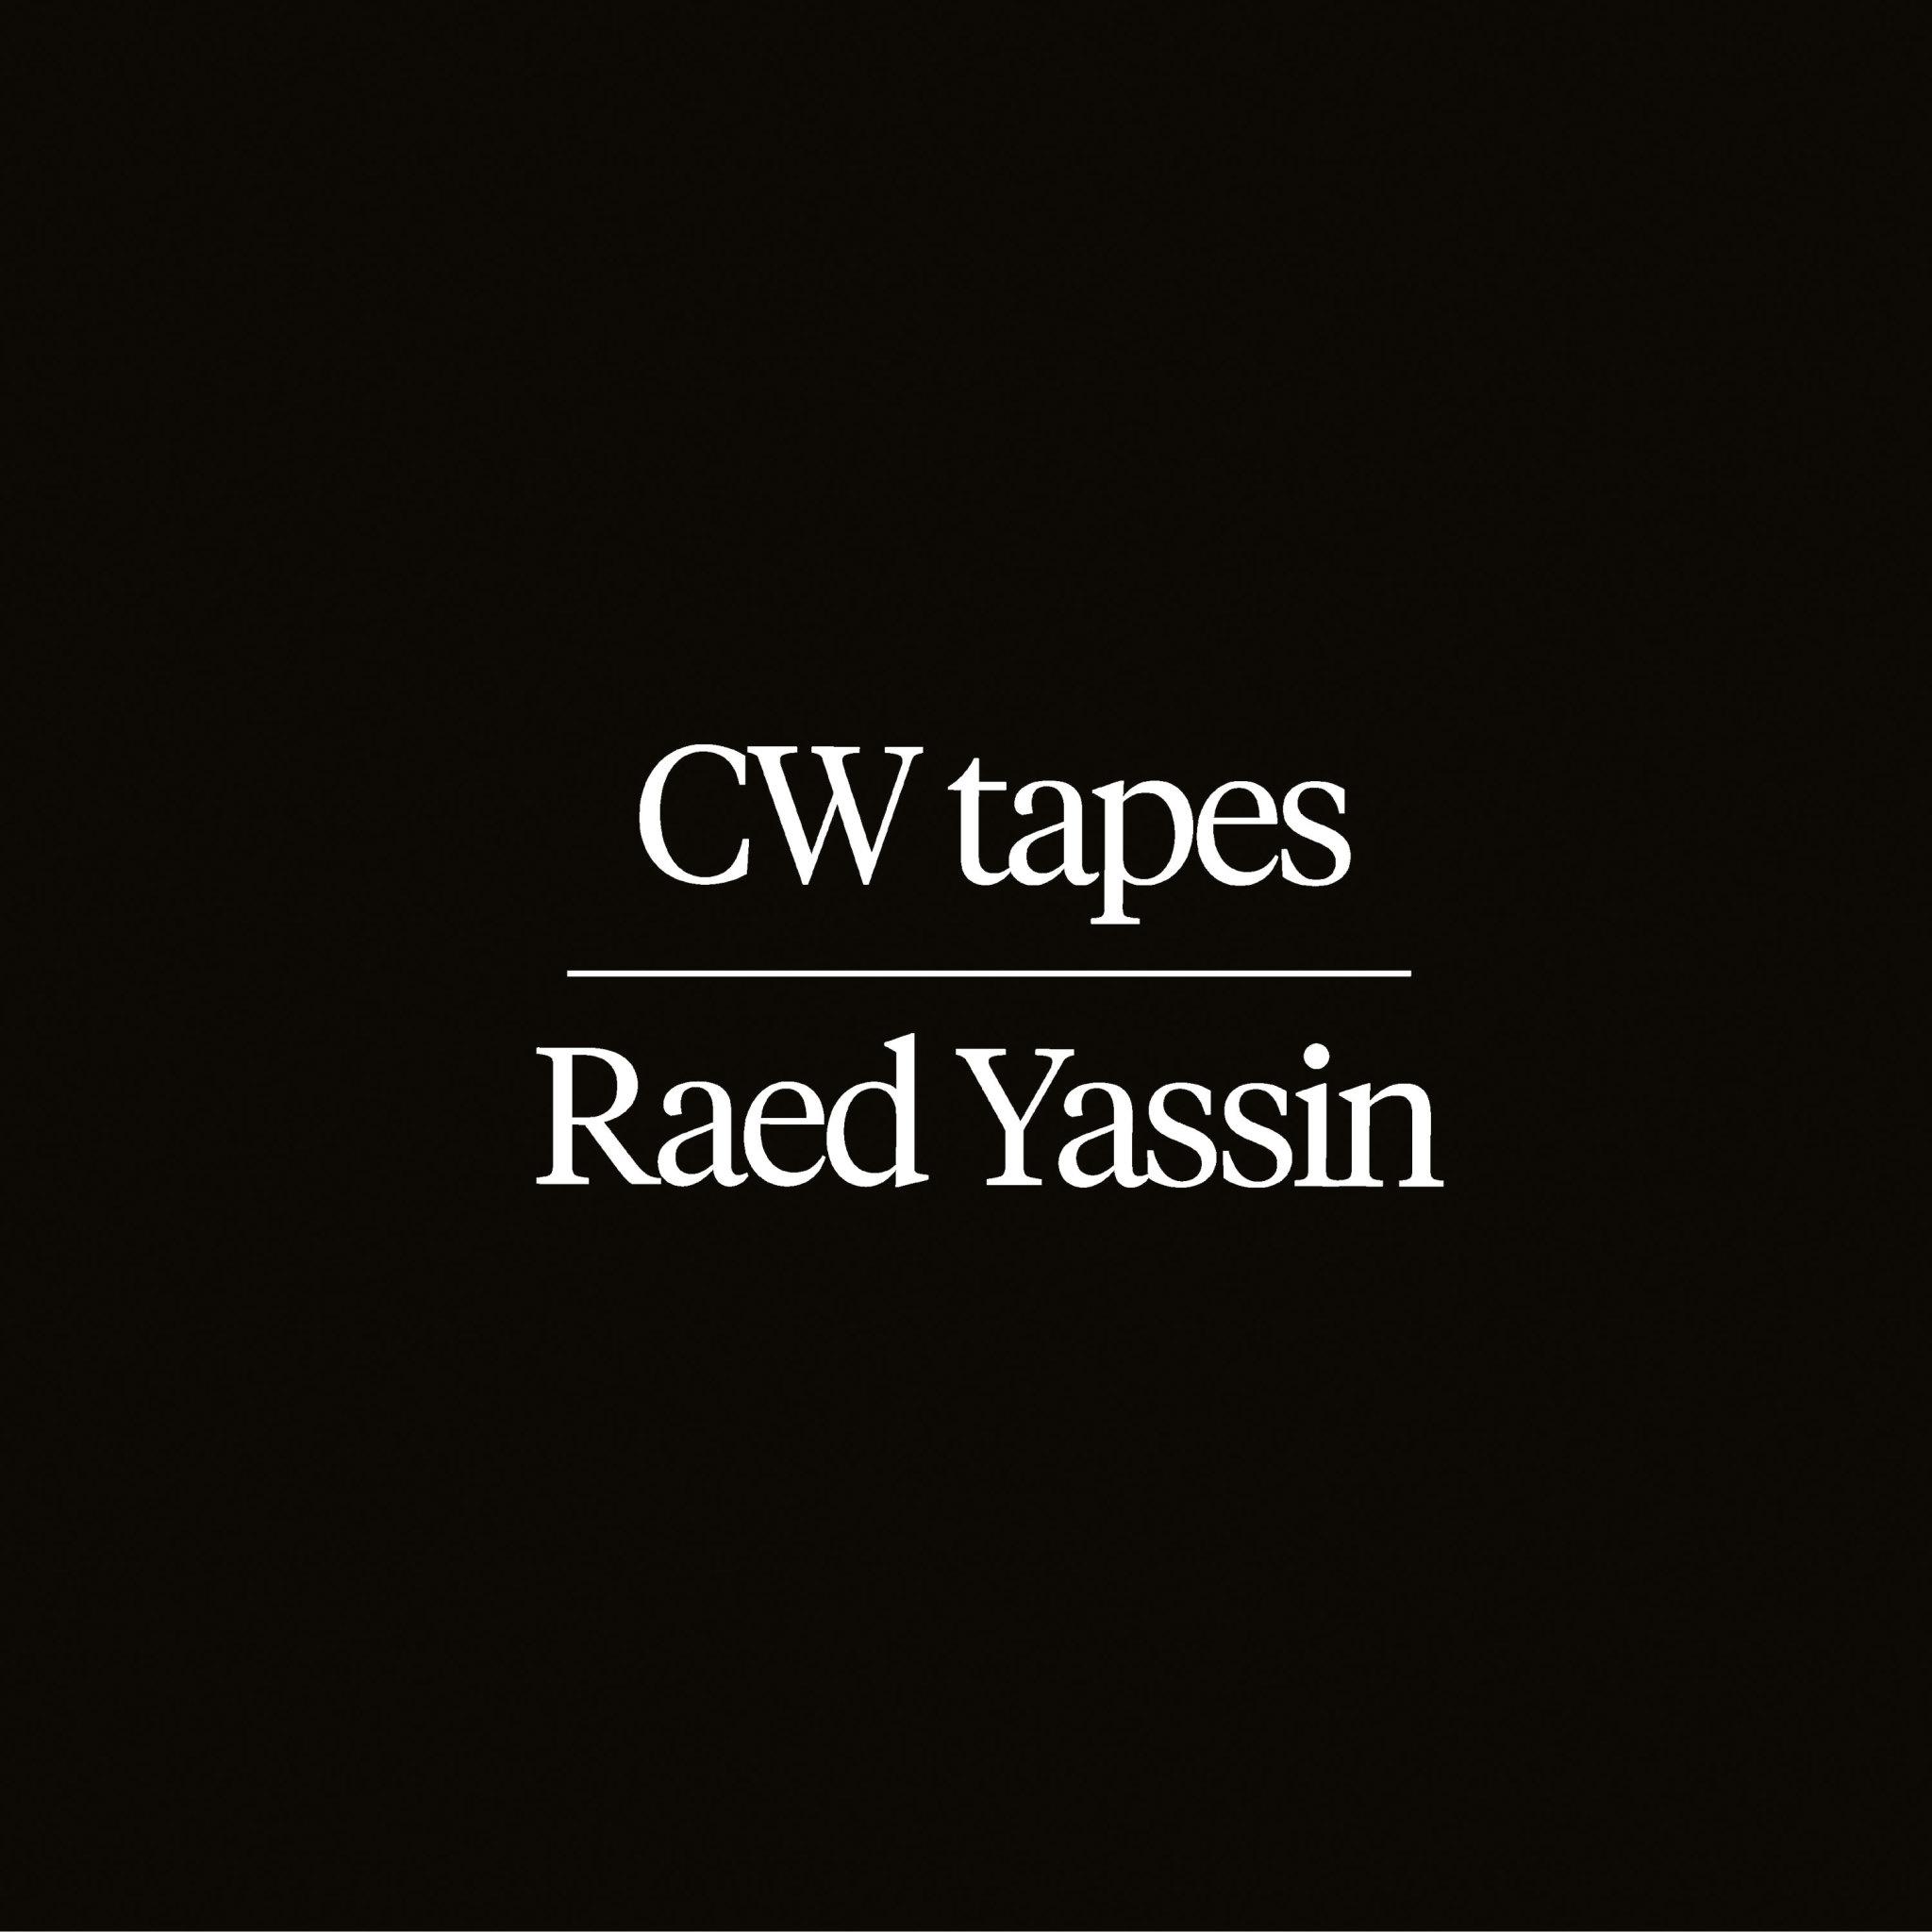 Discrepant Raed Yassin - CW Tapes